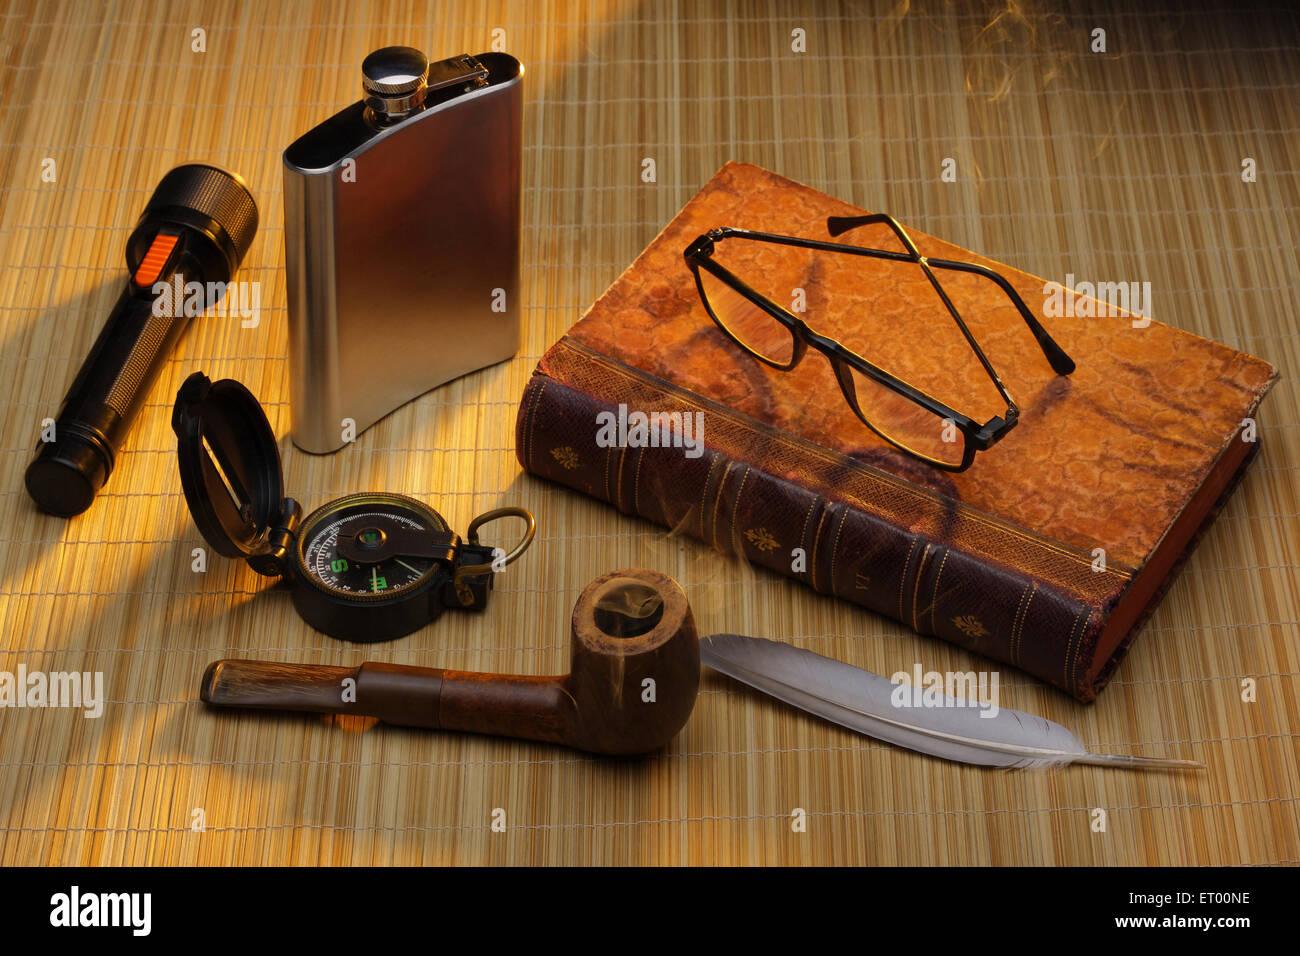 Découvrir l'histoire d'exploration vieux livre avec torche boussole bouteille métallique pipe Photo Stock